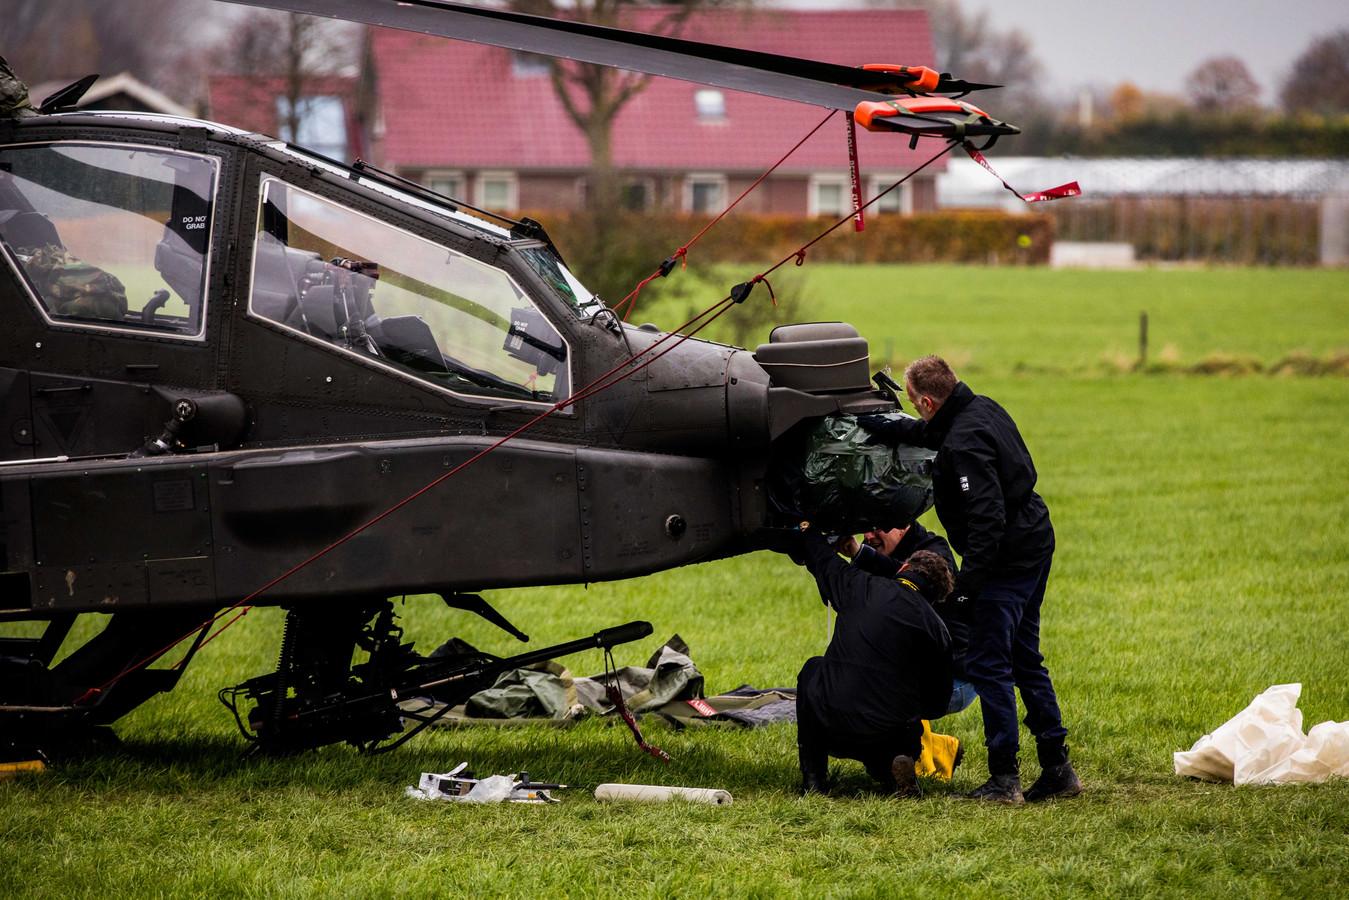 De Koninklijke Marechaussee onderzoekt het ongeluk met een Apache-helikopter in de buurt van Culemborg.